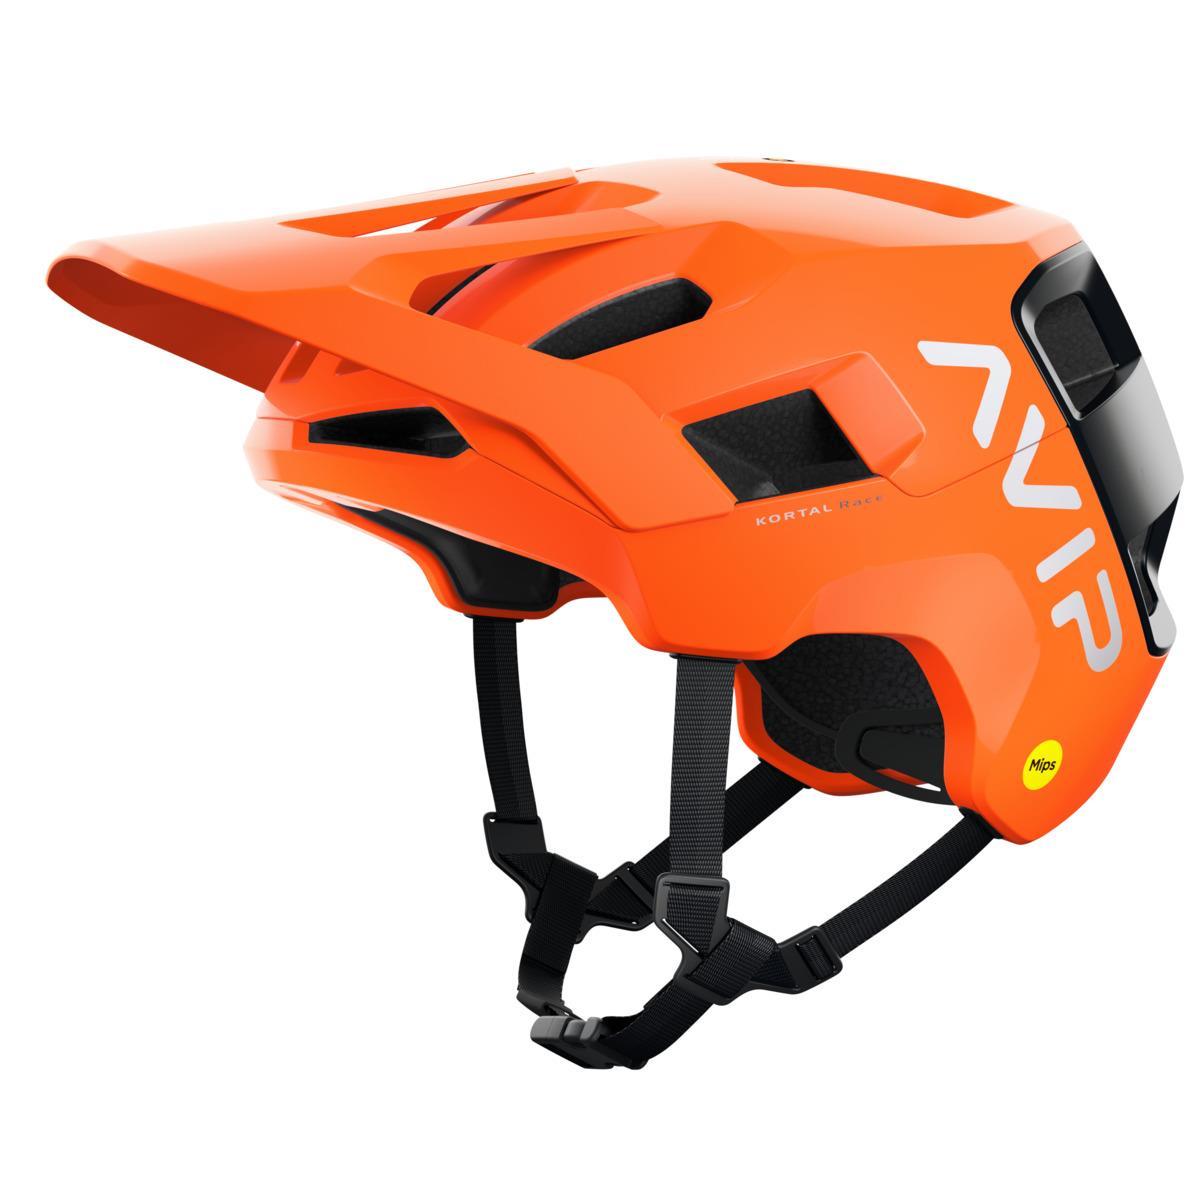 Helmet Kortal Race MIPS AVIP Fluorescent Orange size XS-S (51-54)